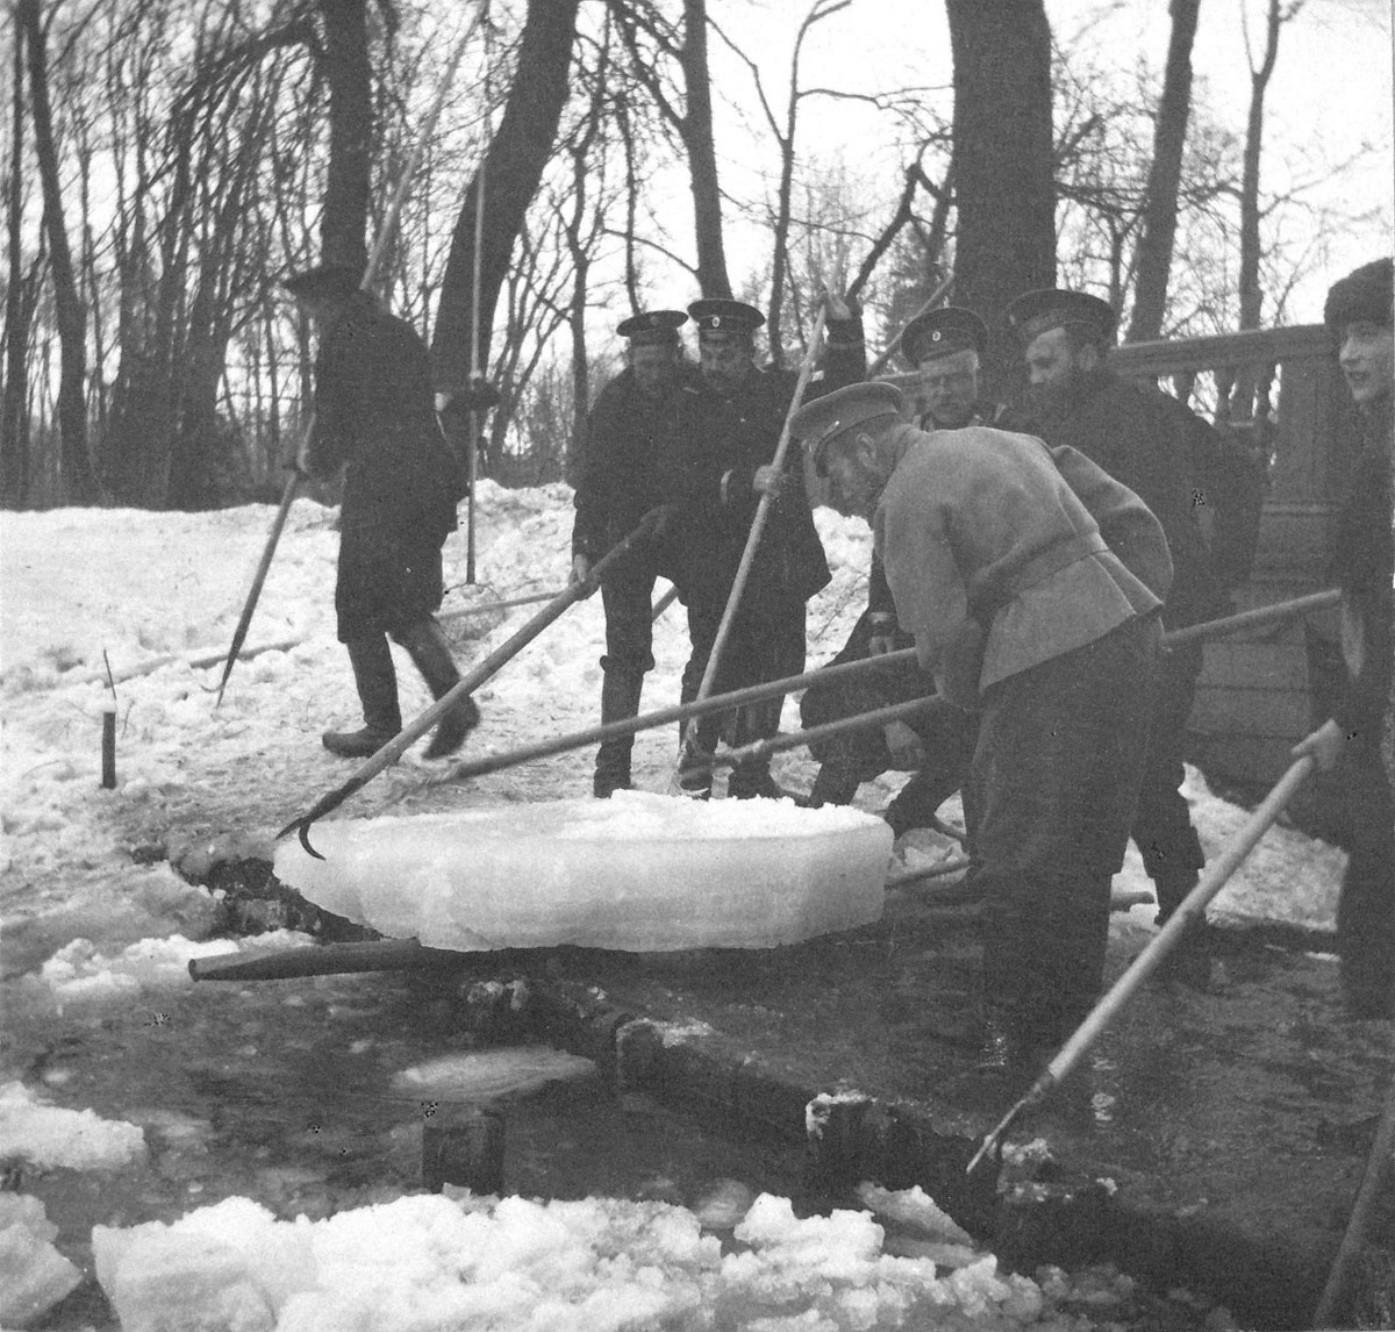 1914. Николай II с матросами на плотине пруда